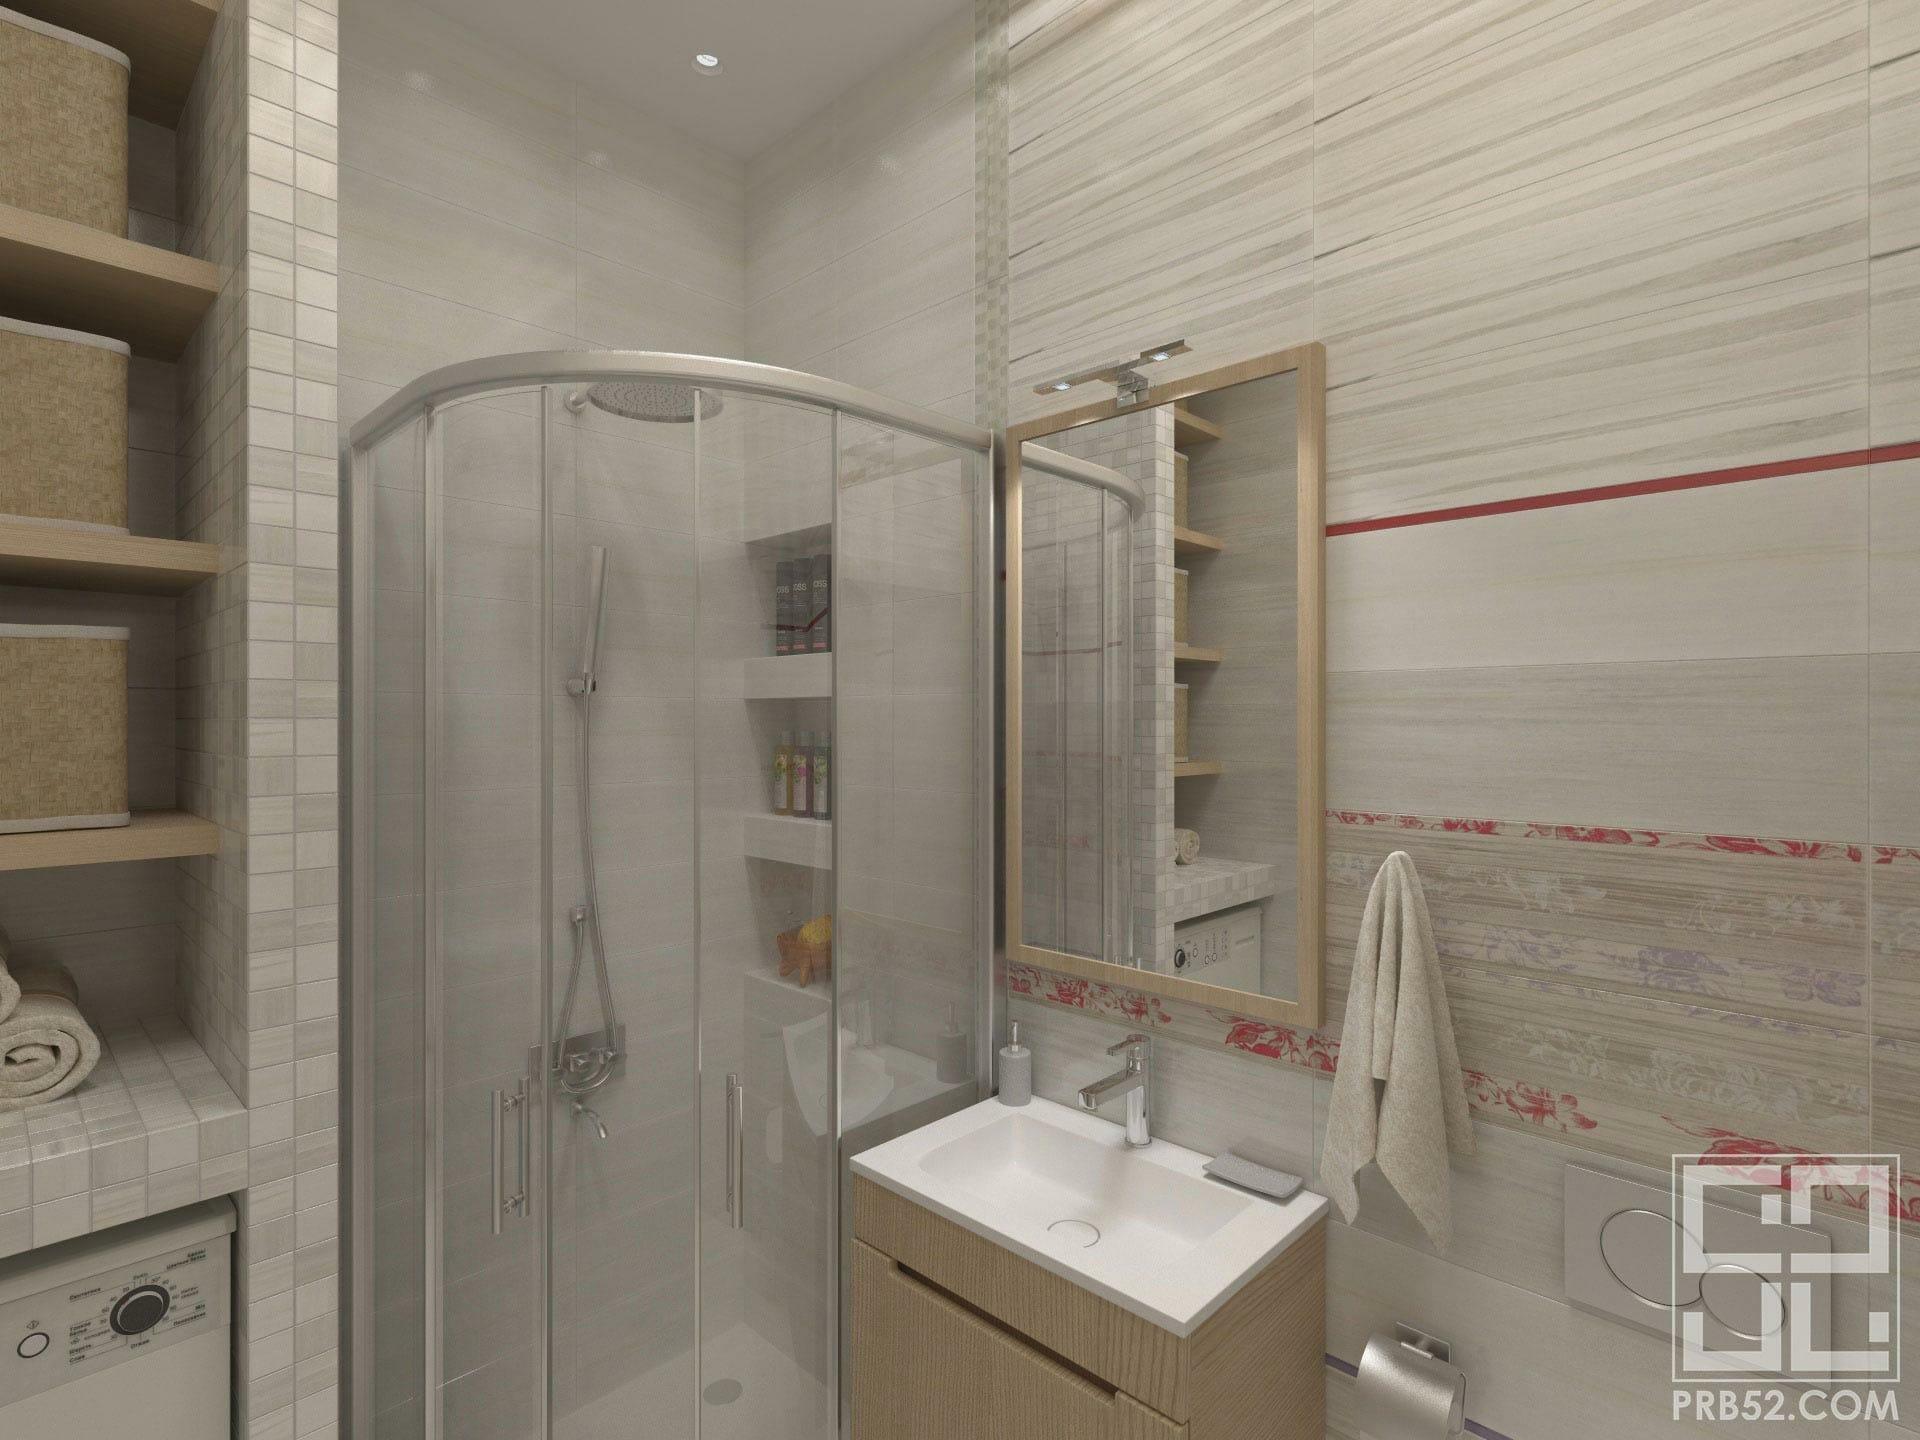 дизайн интерьера ванной с душевой в частном доме